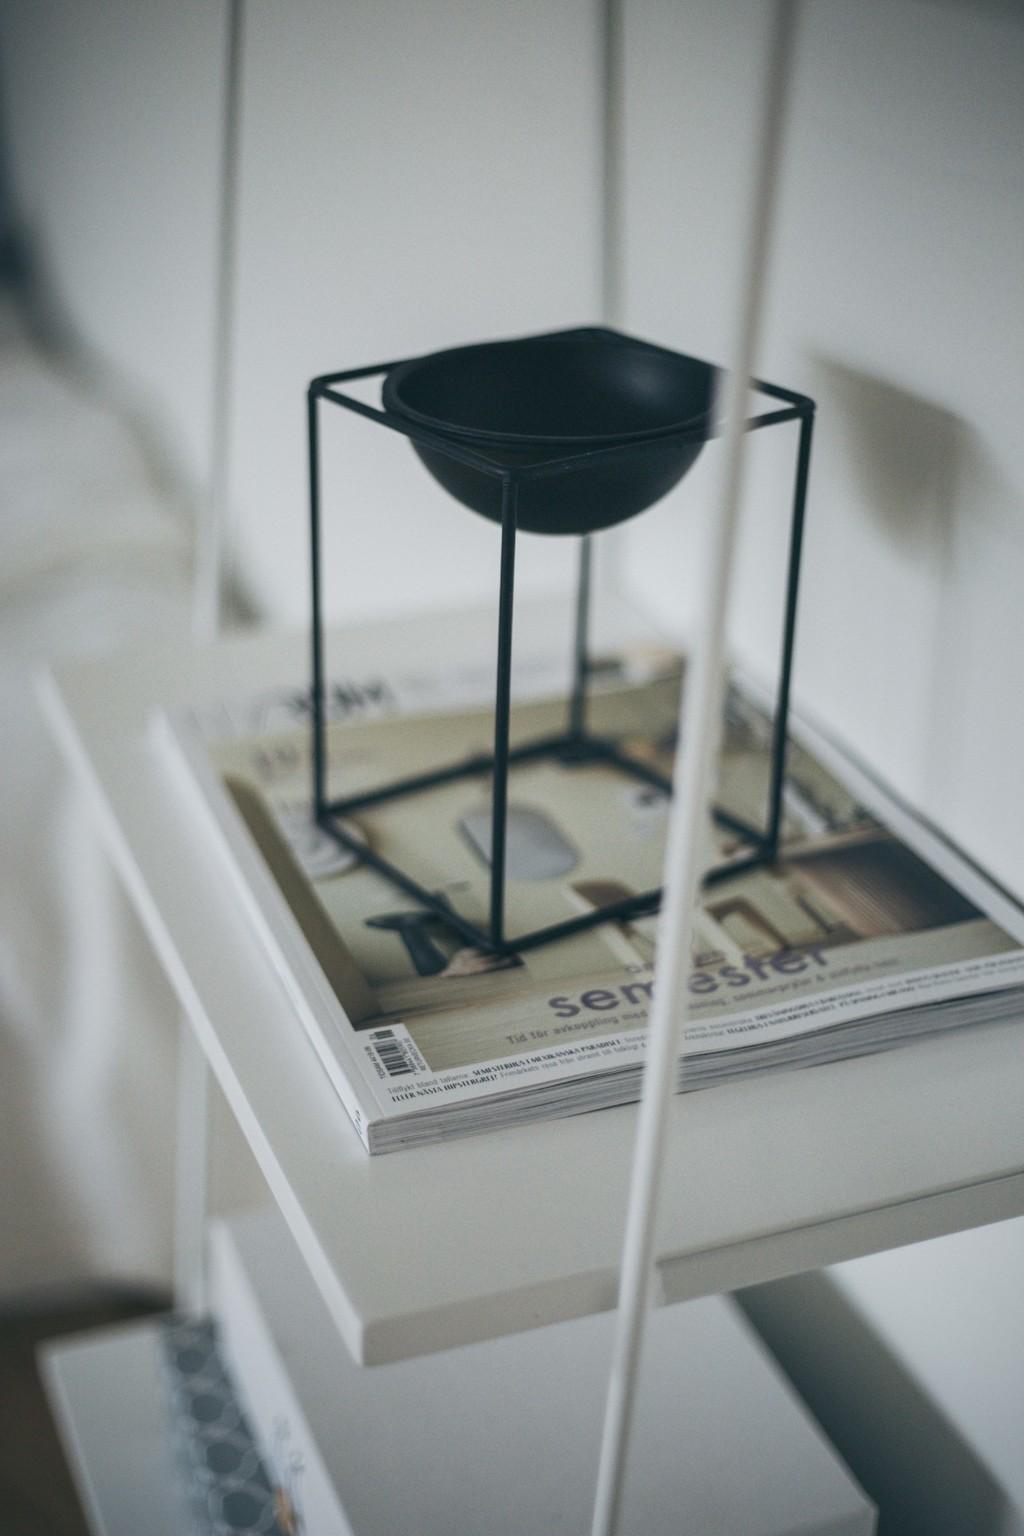 vitt hyllplan med inredningstidning och svart skål